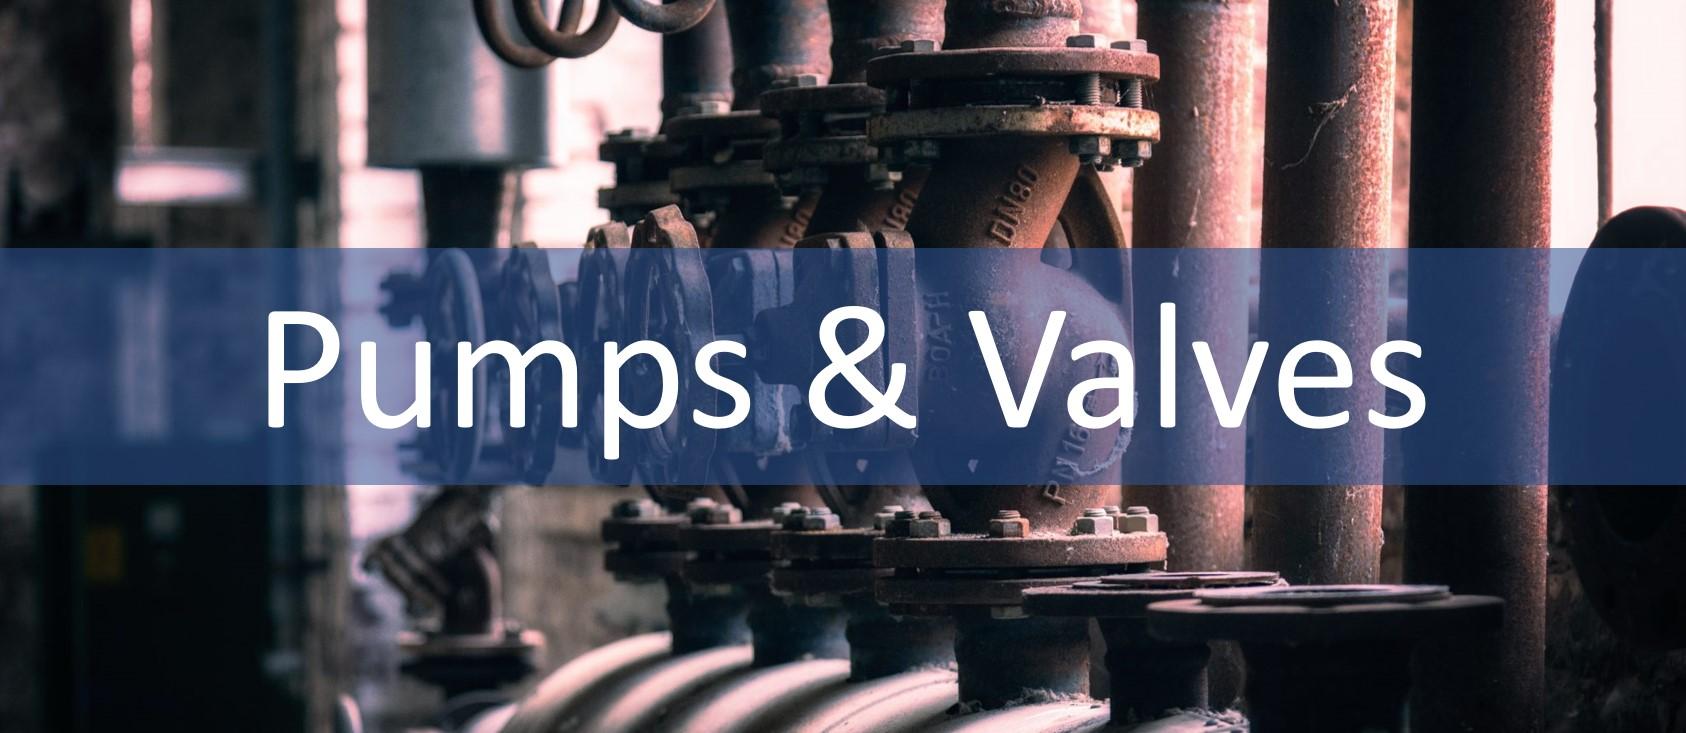 Pumps&Valves